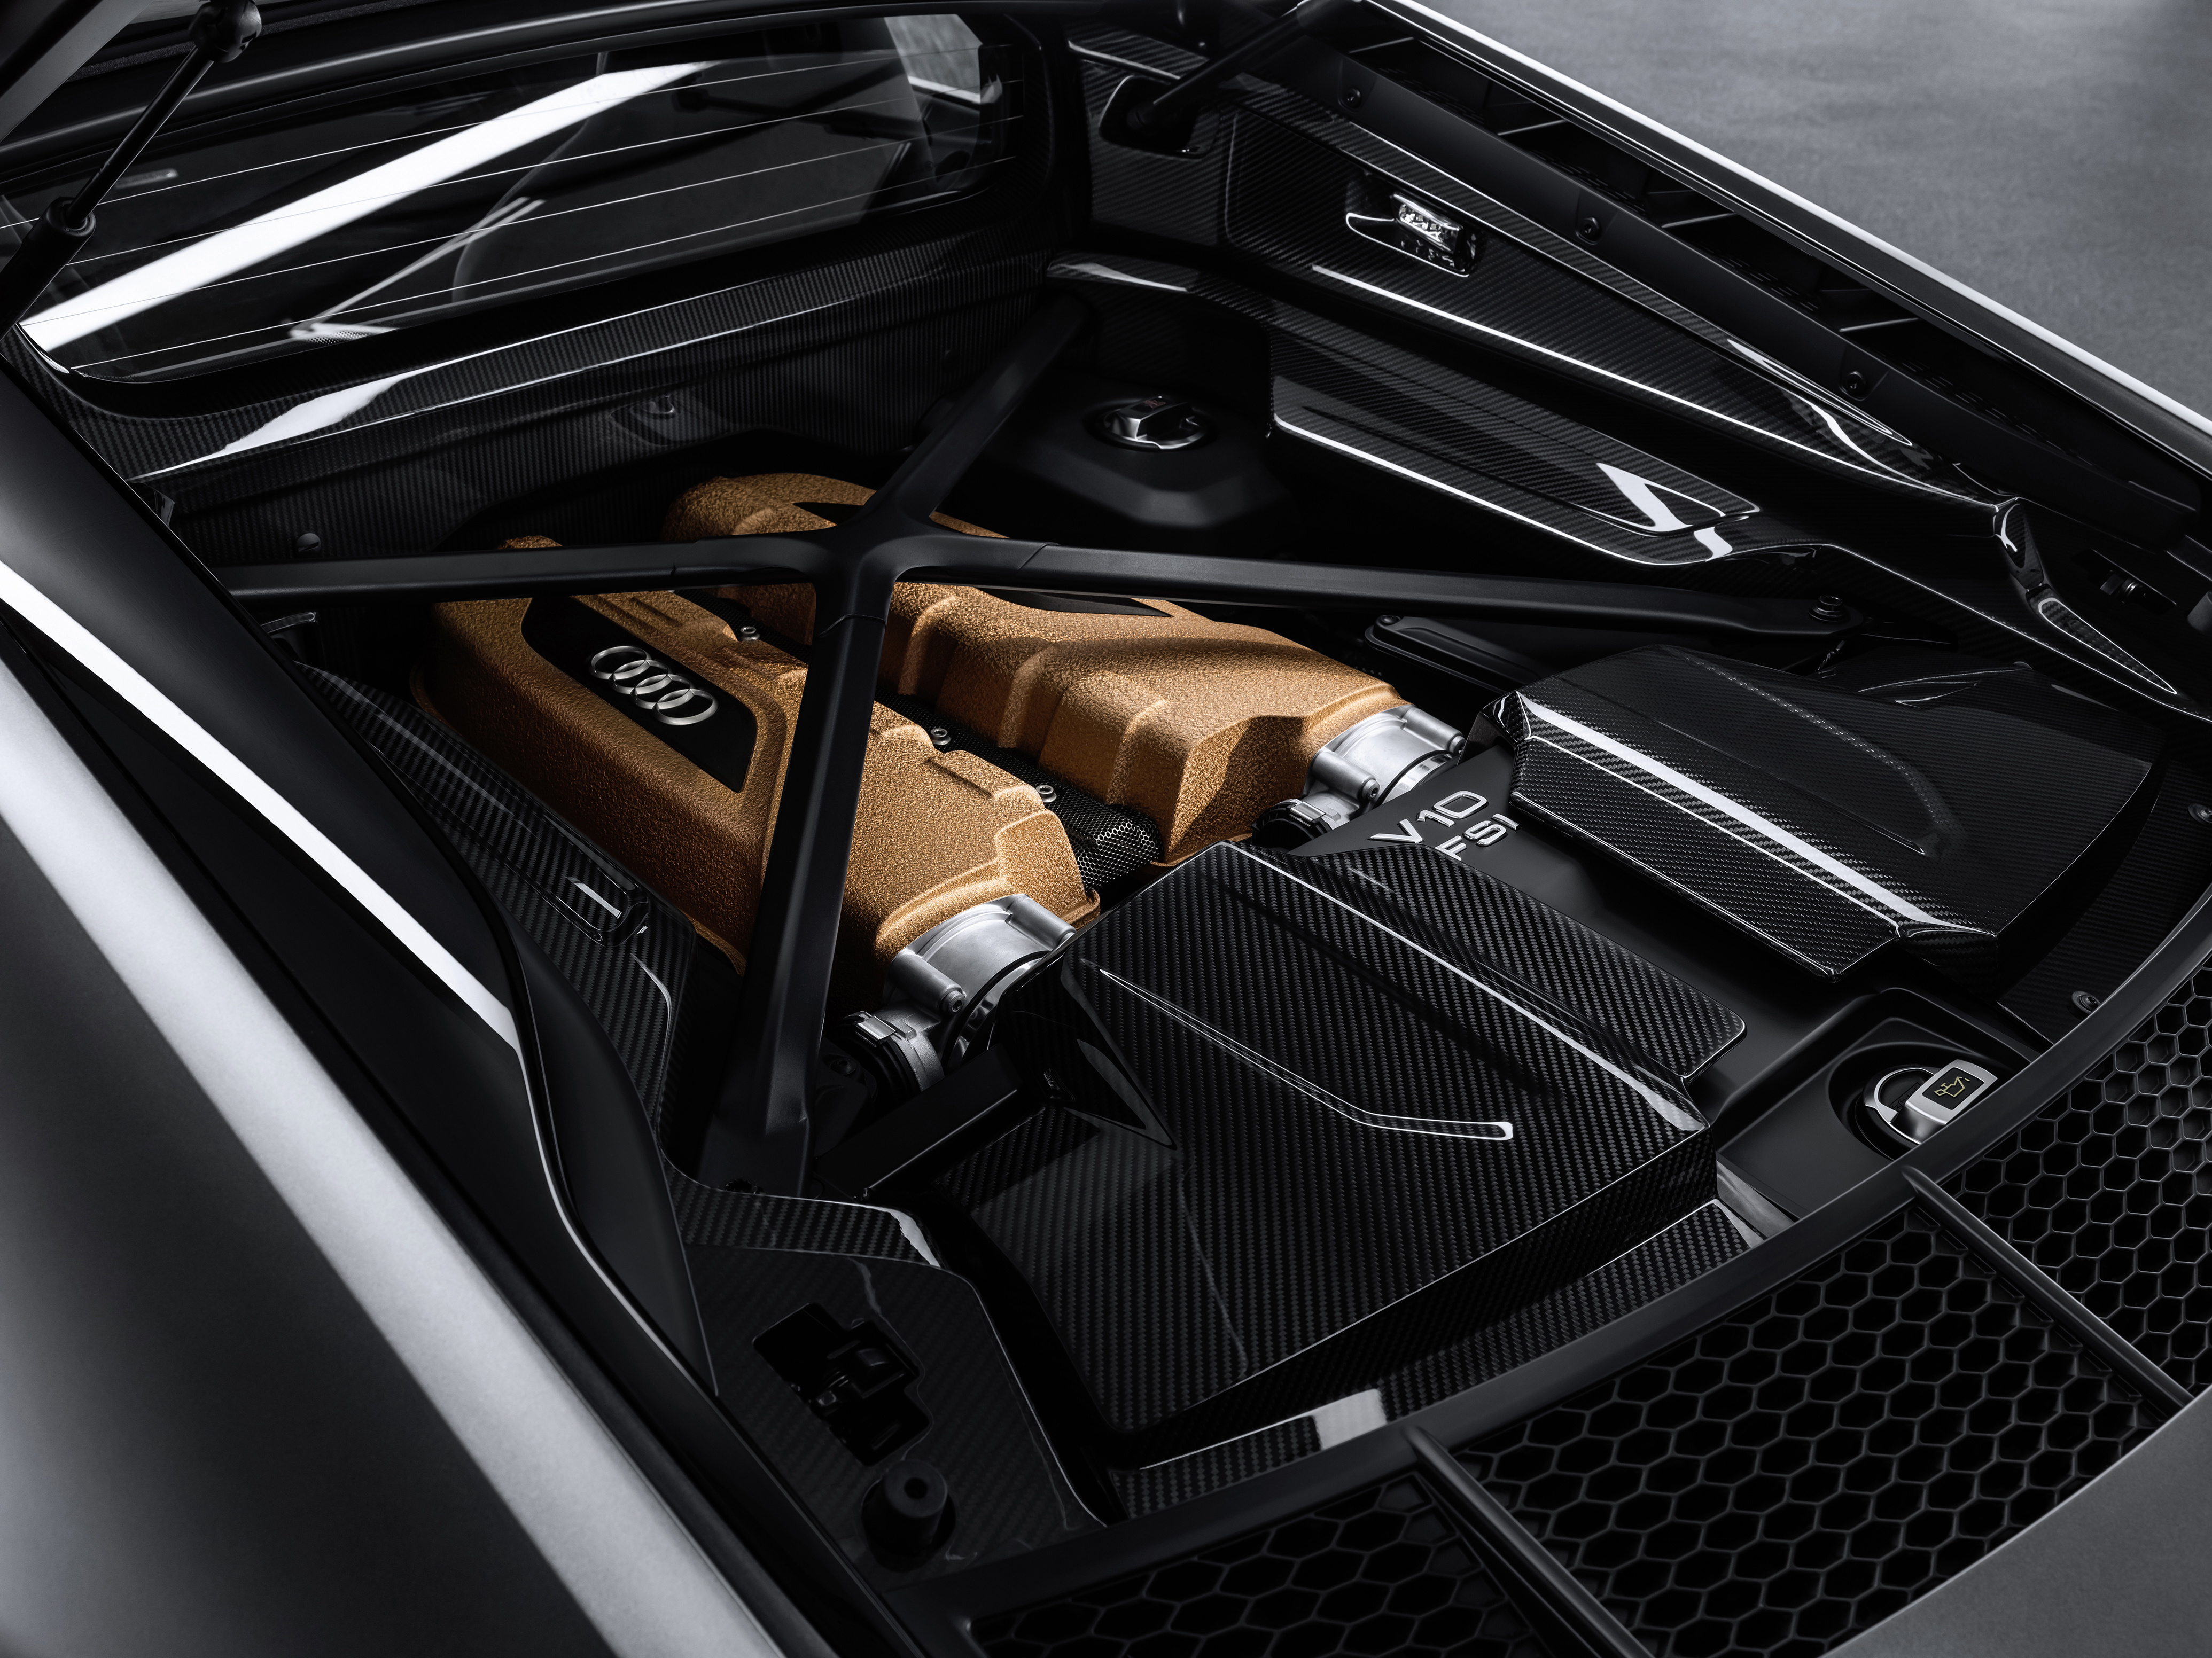 Audi R8 V10 Decennium: celebrating a decade of Audi's V10